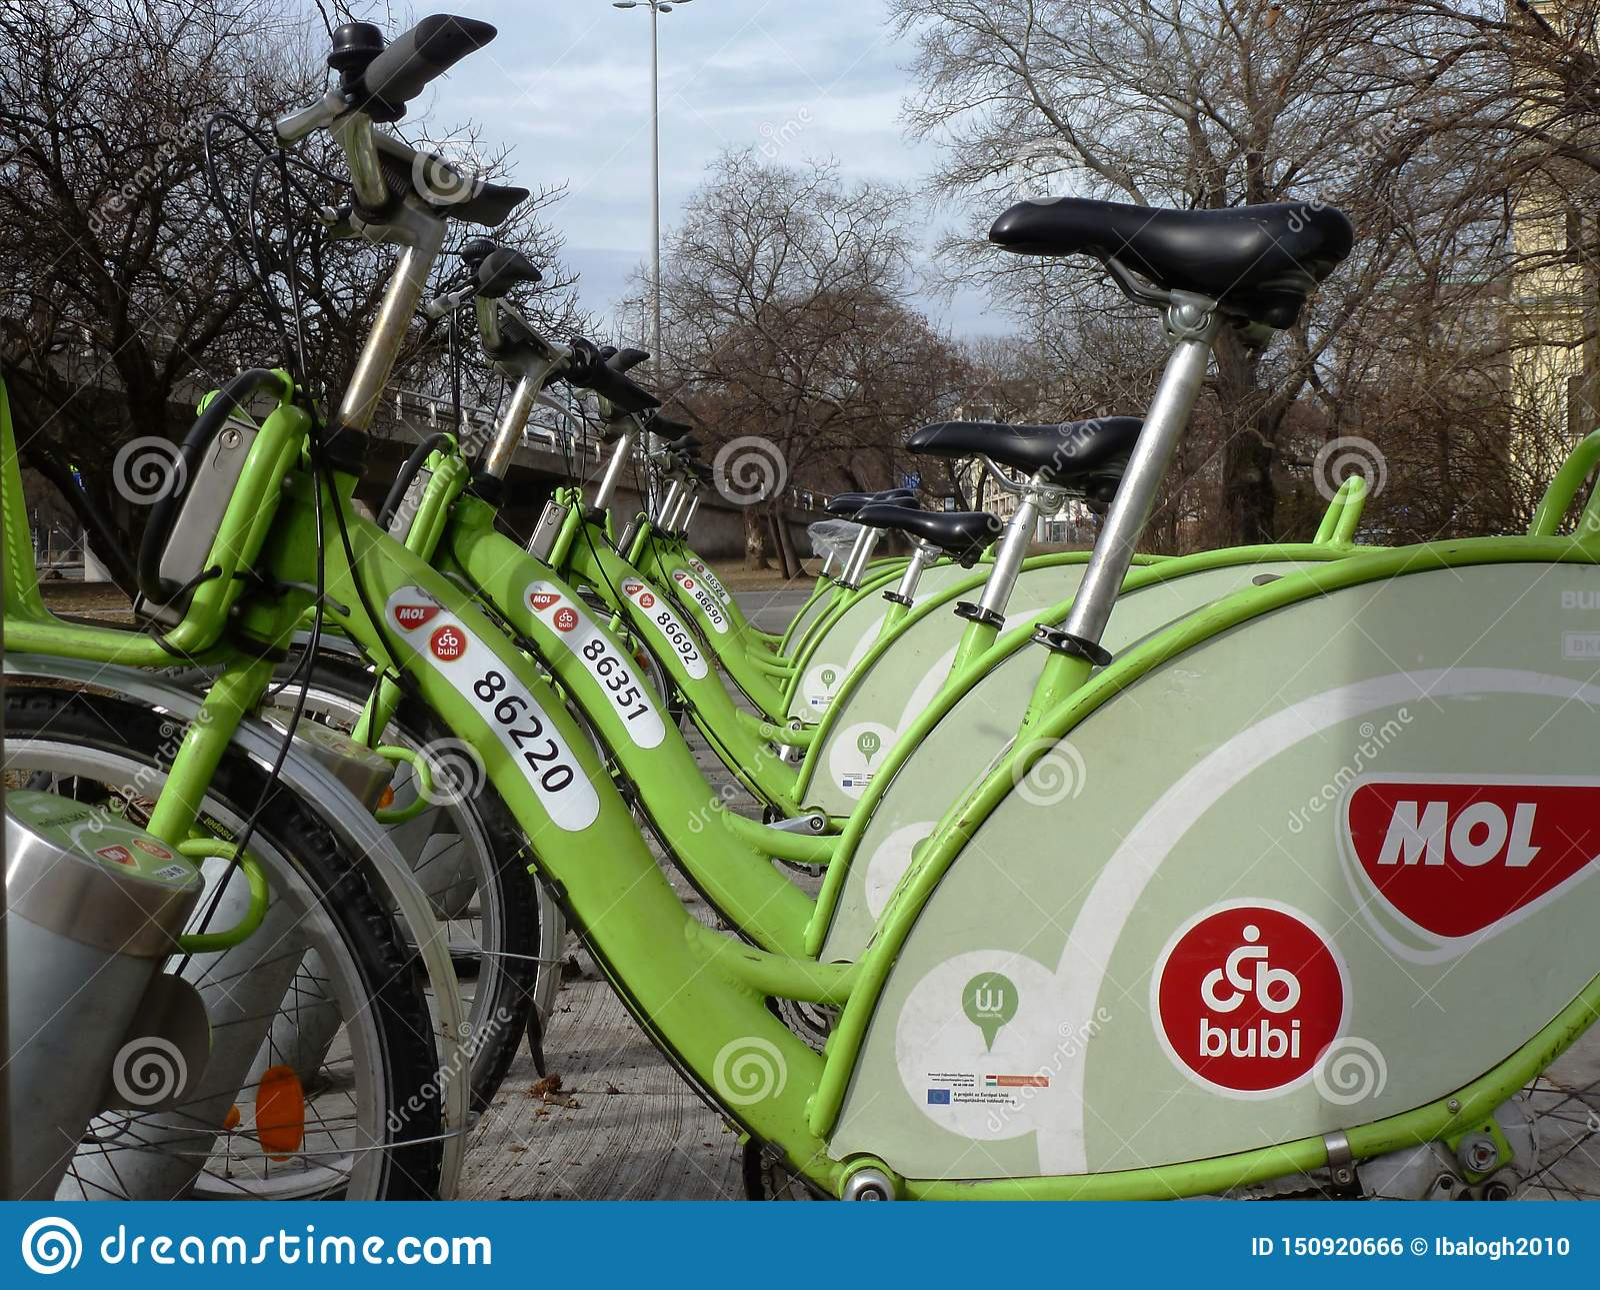 Rentable groene die stad bucycles door mol in verminderend perspectief in Boedapest, Hongarije wordt aangeboden